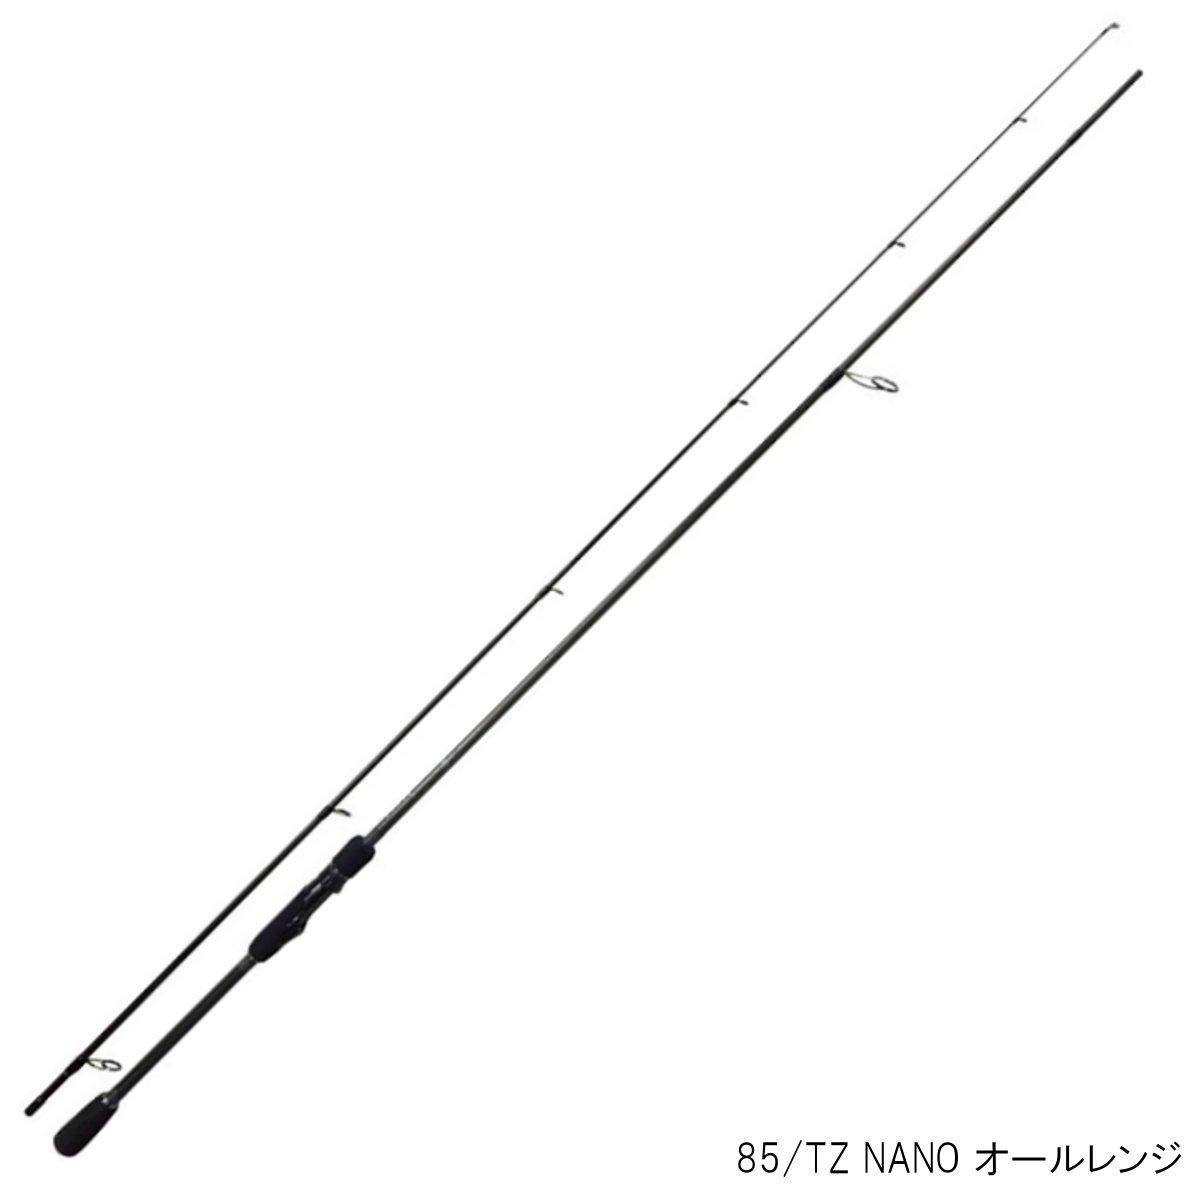 ヤマガブランクス ブルーカレント 85/TZ NANO オールレンジ